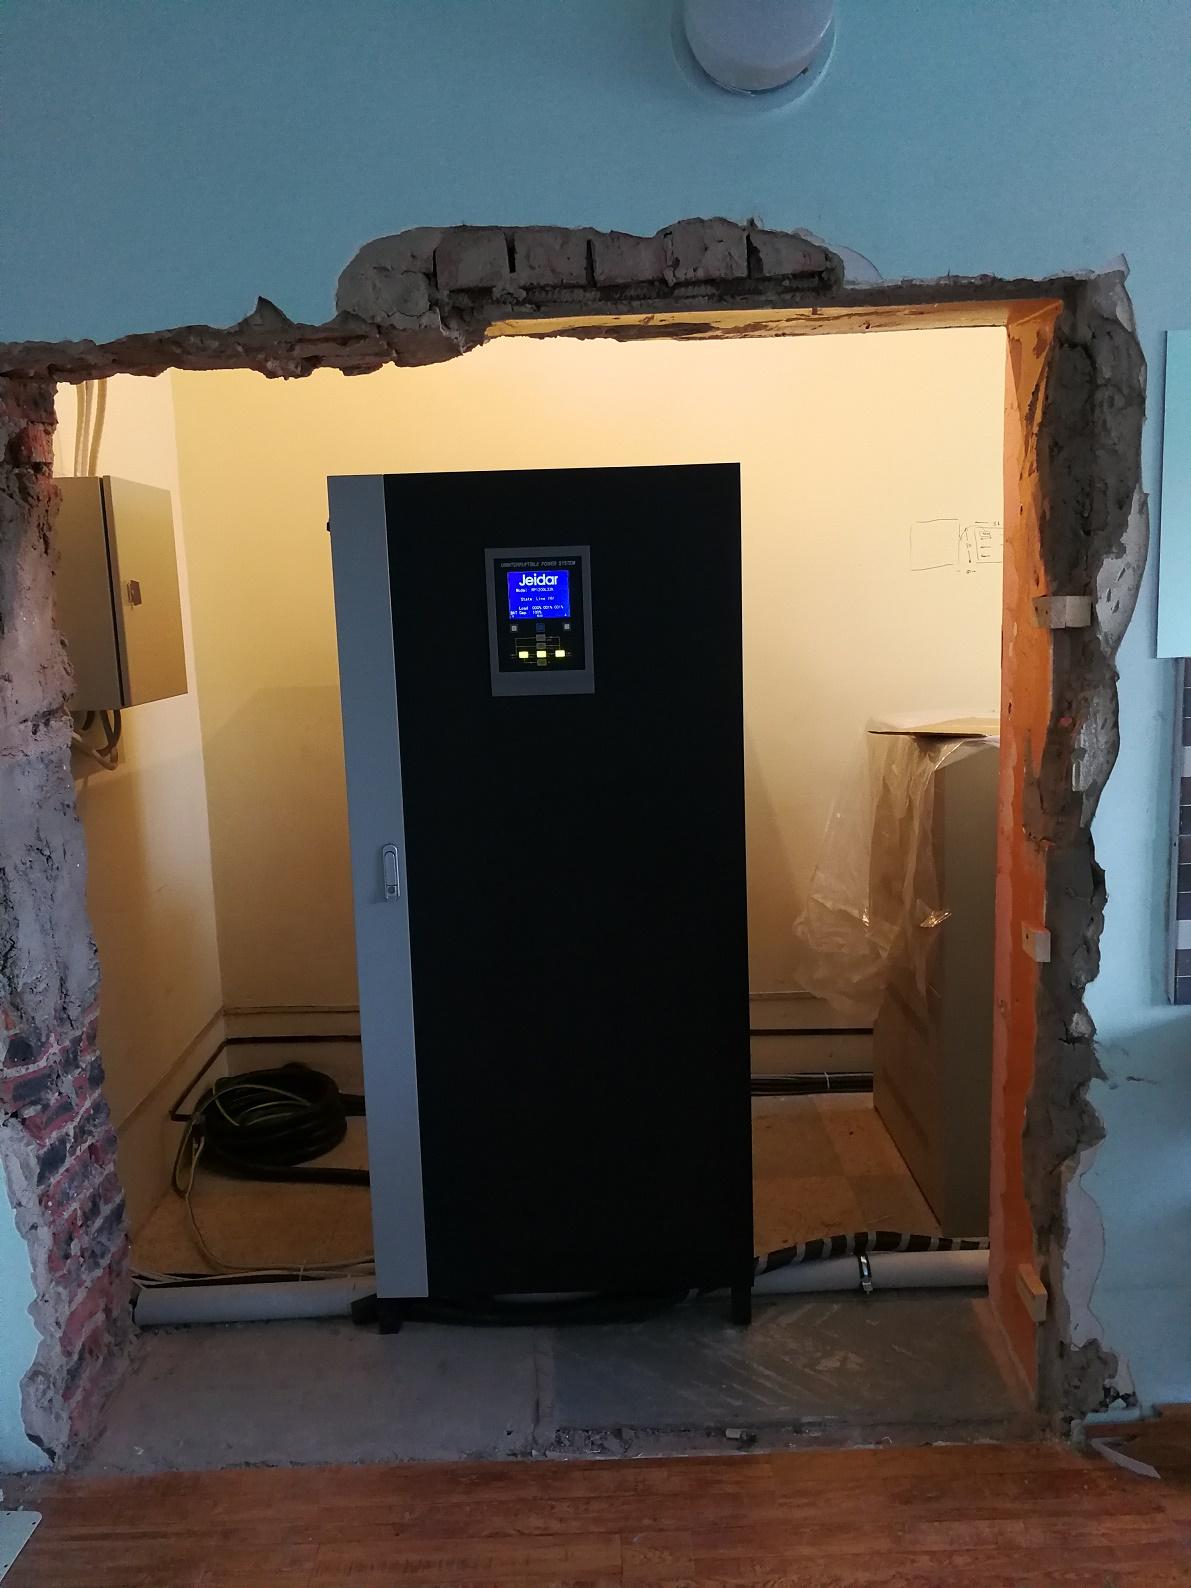 ups scanner